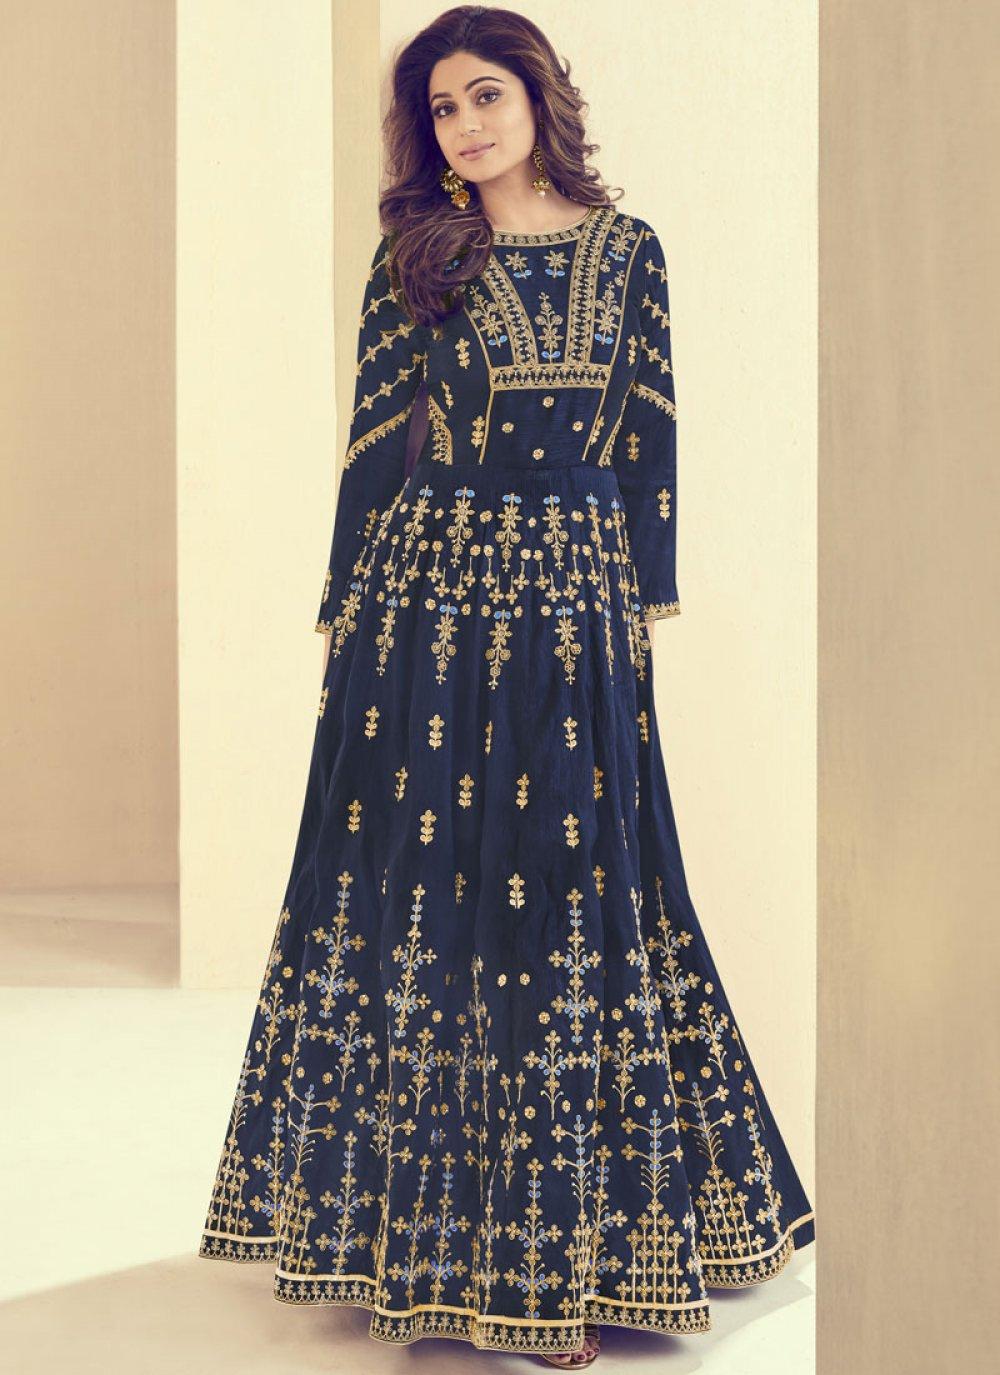 Shamita Shetty Scintillating Blue Floor Length Anarkali Suit